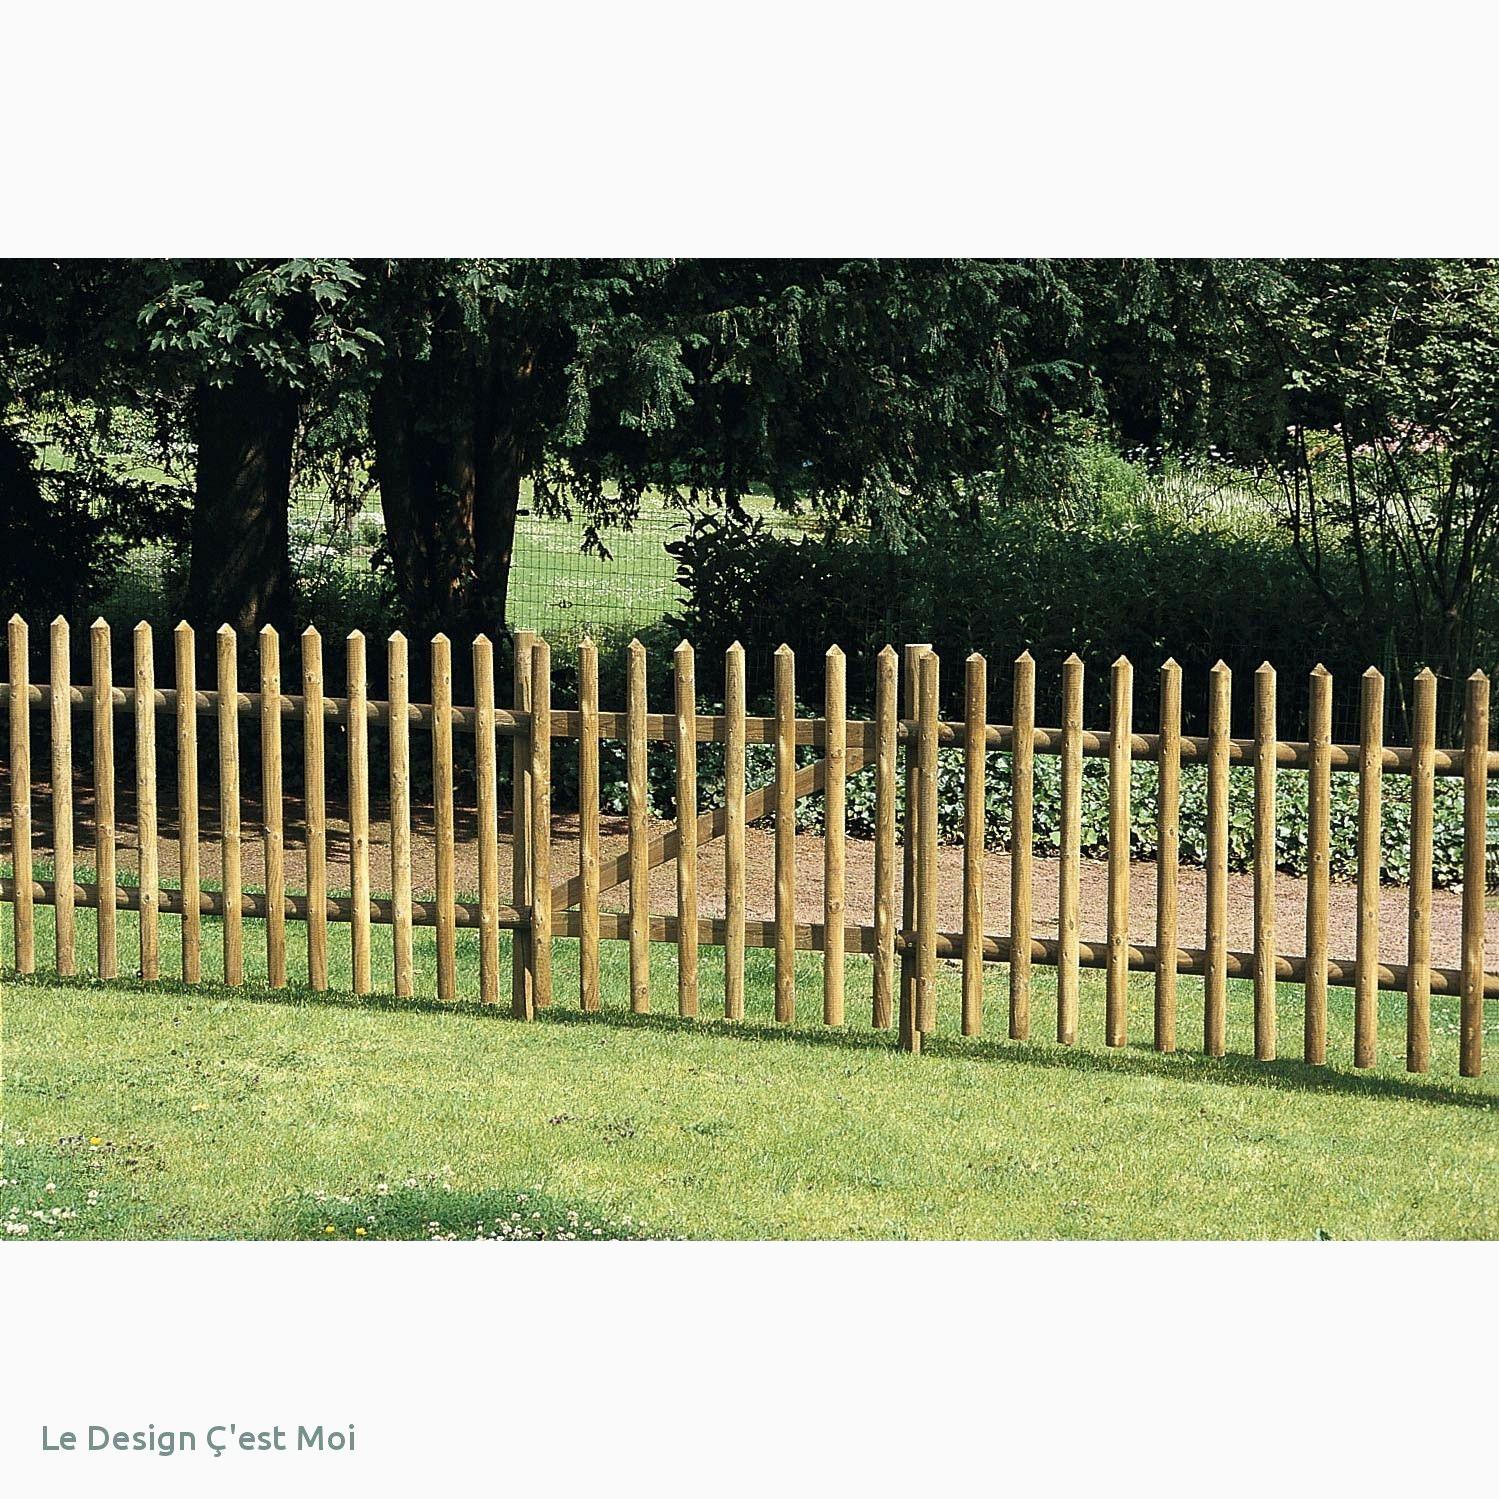 Serre De Jardin Petite Largeur Exceptionnel Le Bon Coin 49 ... pour Le Bon Coin Serre De Jardin